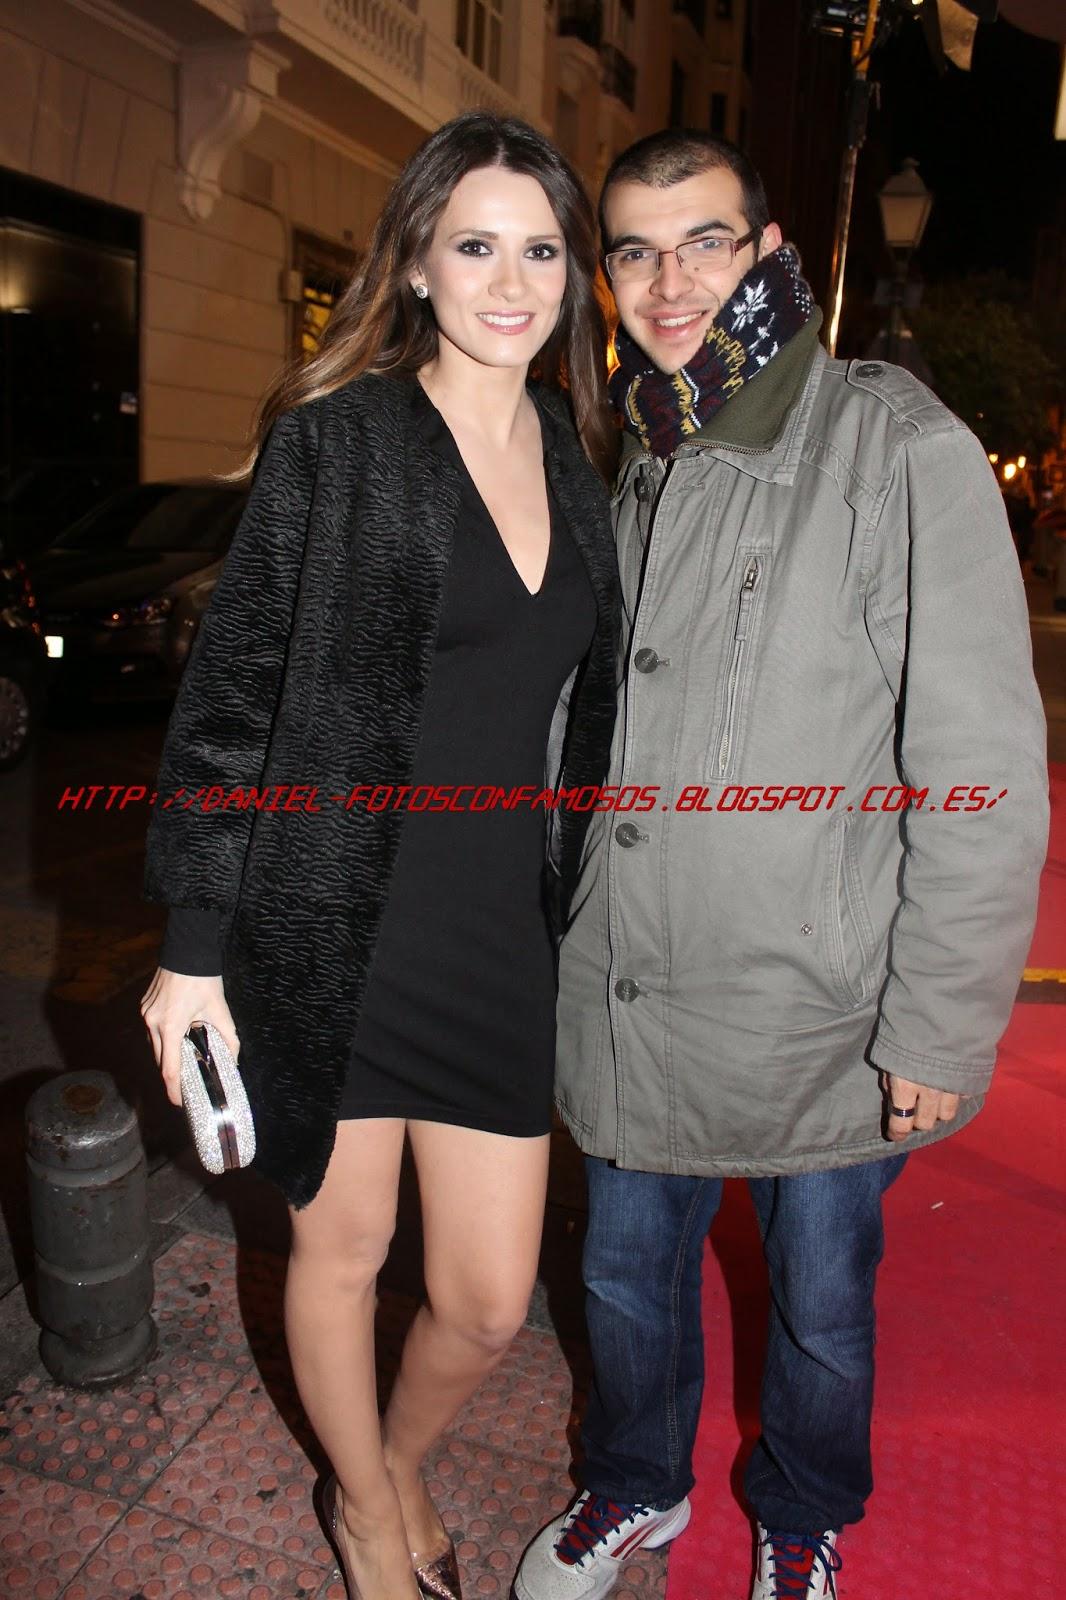 ¿Cuánto mide Elena Ballesteros? Elena+Ballesteros